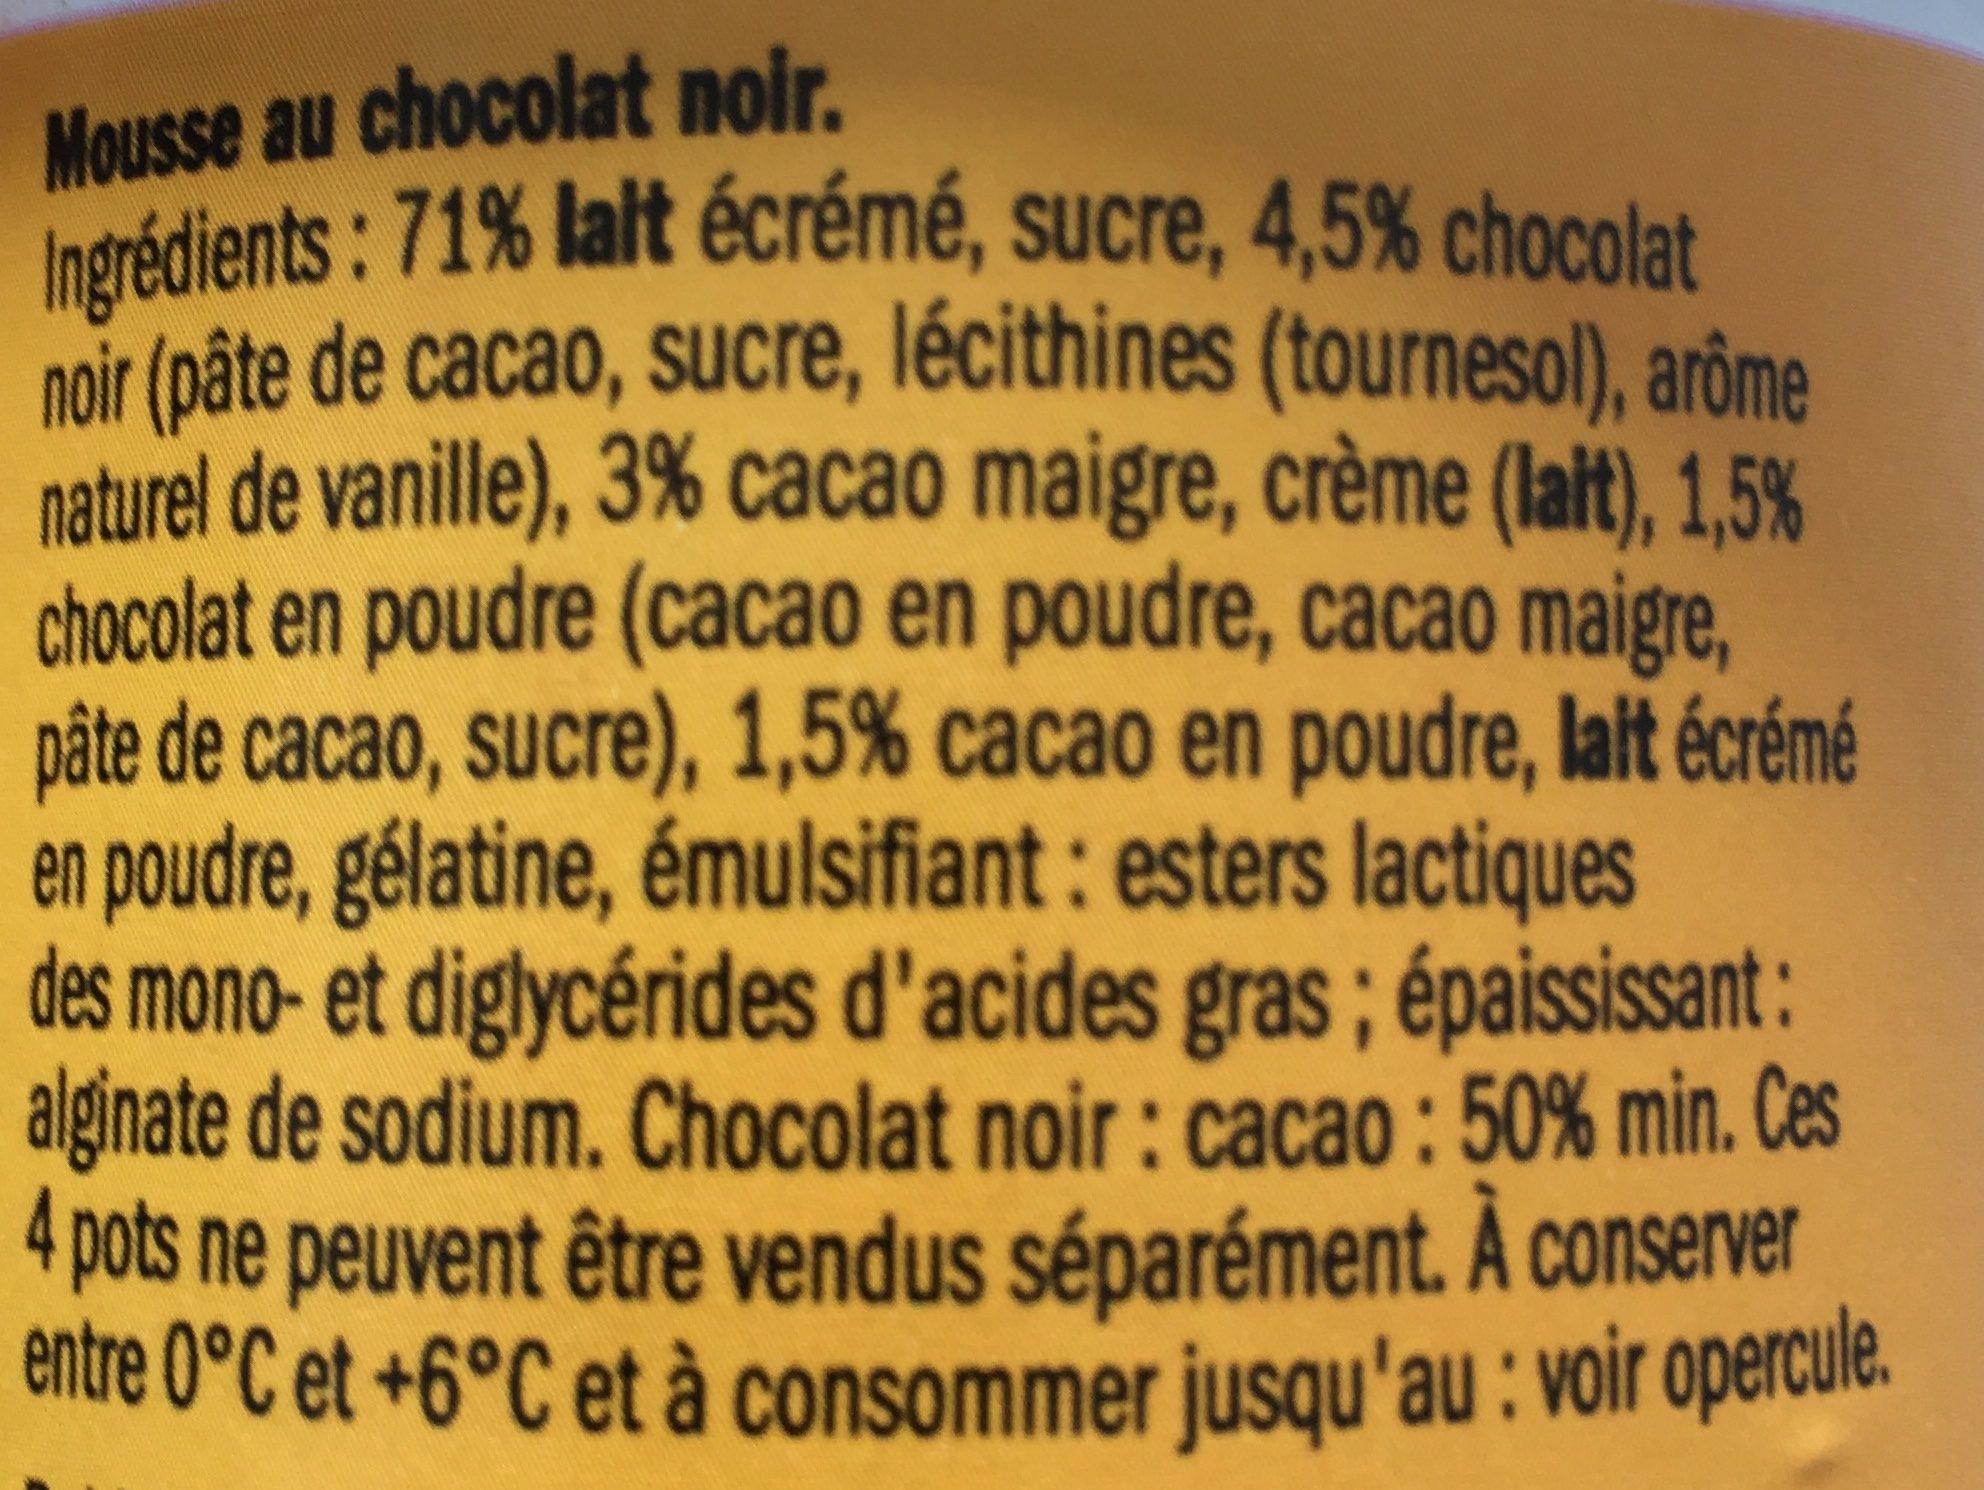 Mousse au Chocolat Noir - Ingredients